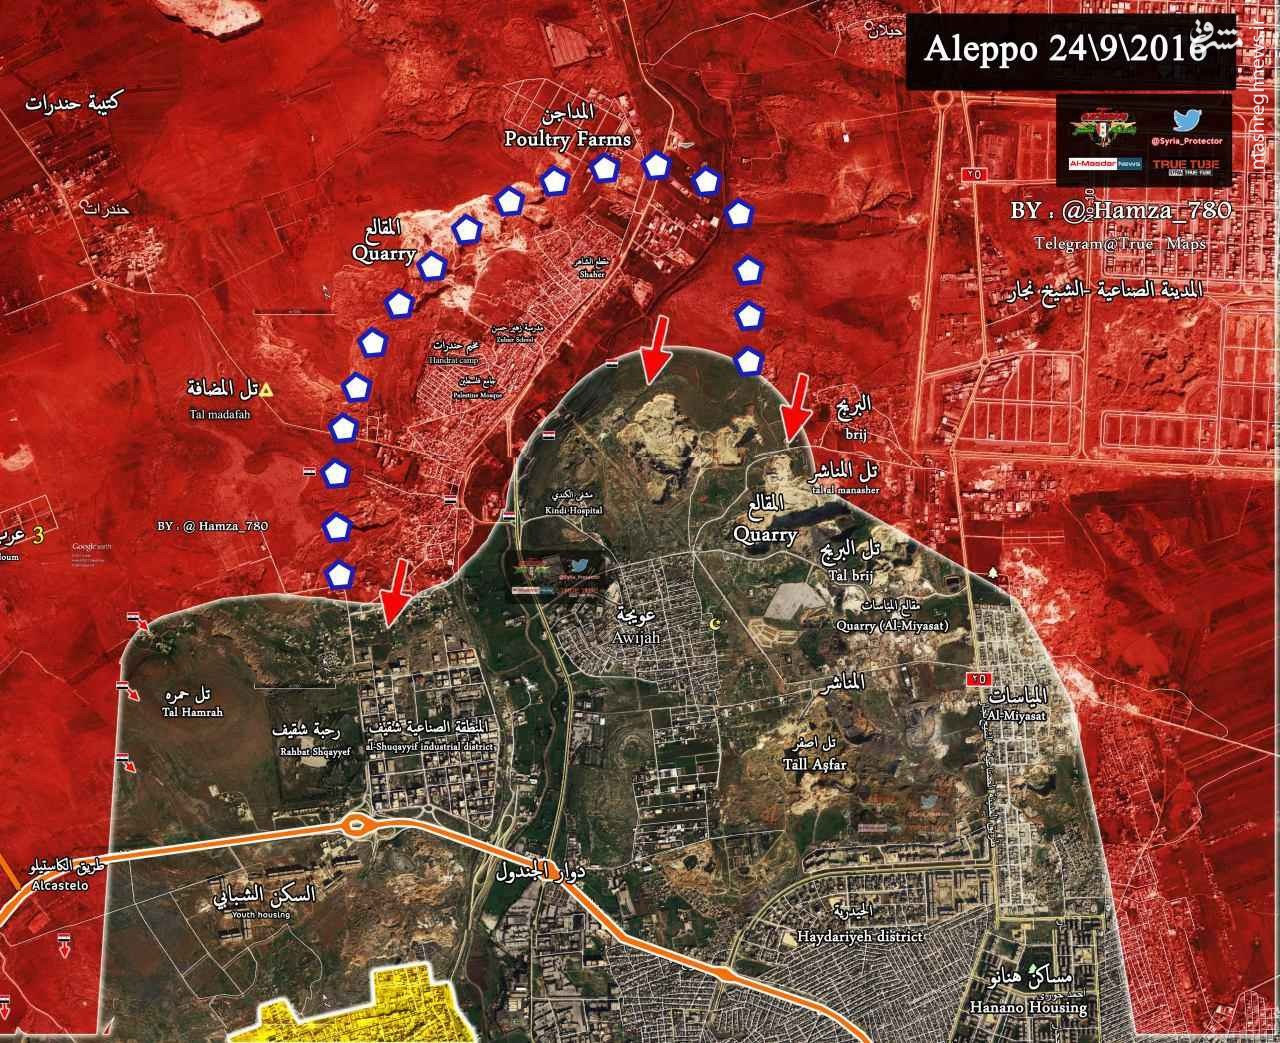 سیطره ارتش سوریه بر اردوگاه حندرات/پیشروی القاعده در شمال حماه/ ورود ارتش به محله شیخ سعید حلب/ادامه پاکسازی غوطه شرقی/برای قبل 12 اماده اس